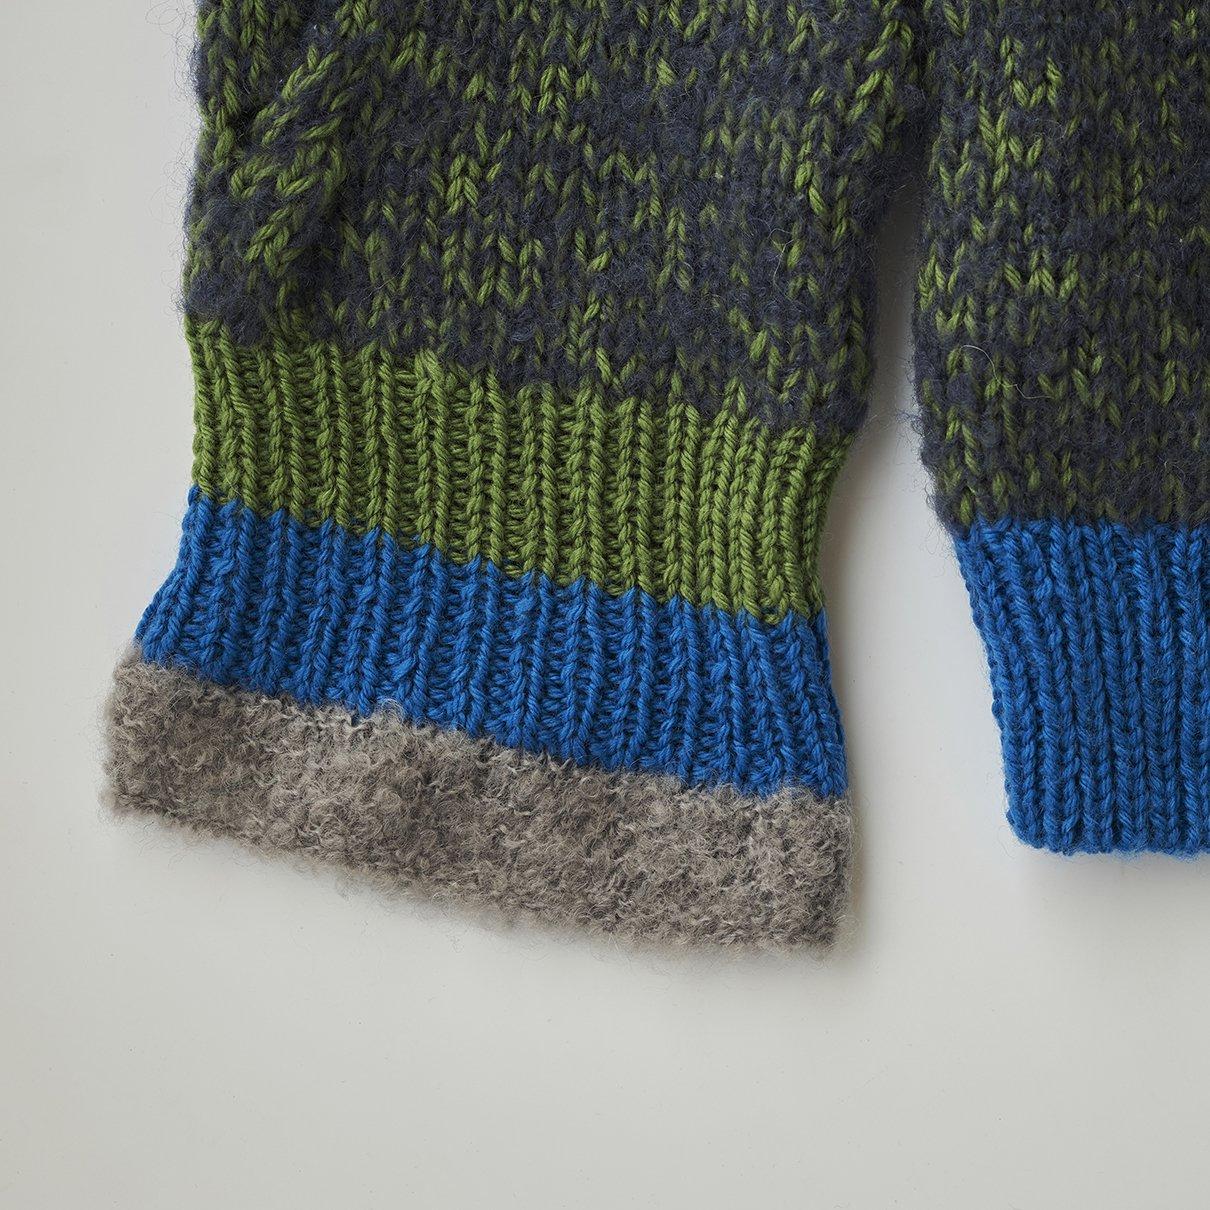 カノン編みのプルオーバー